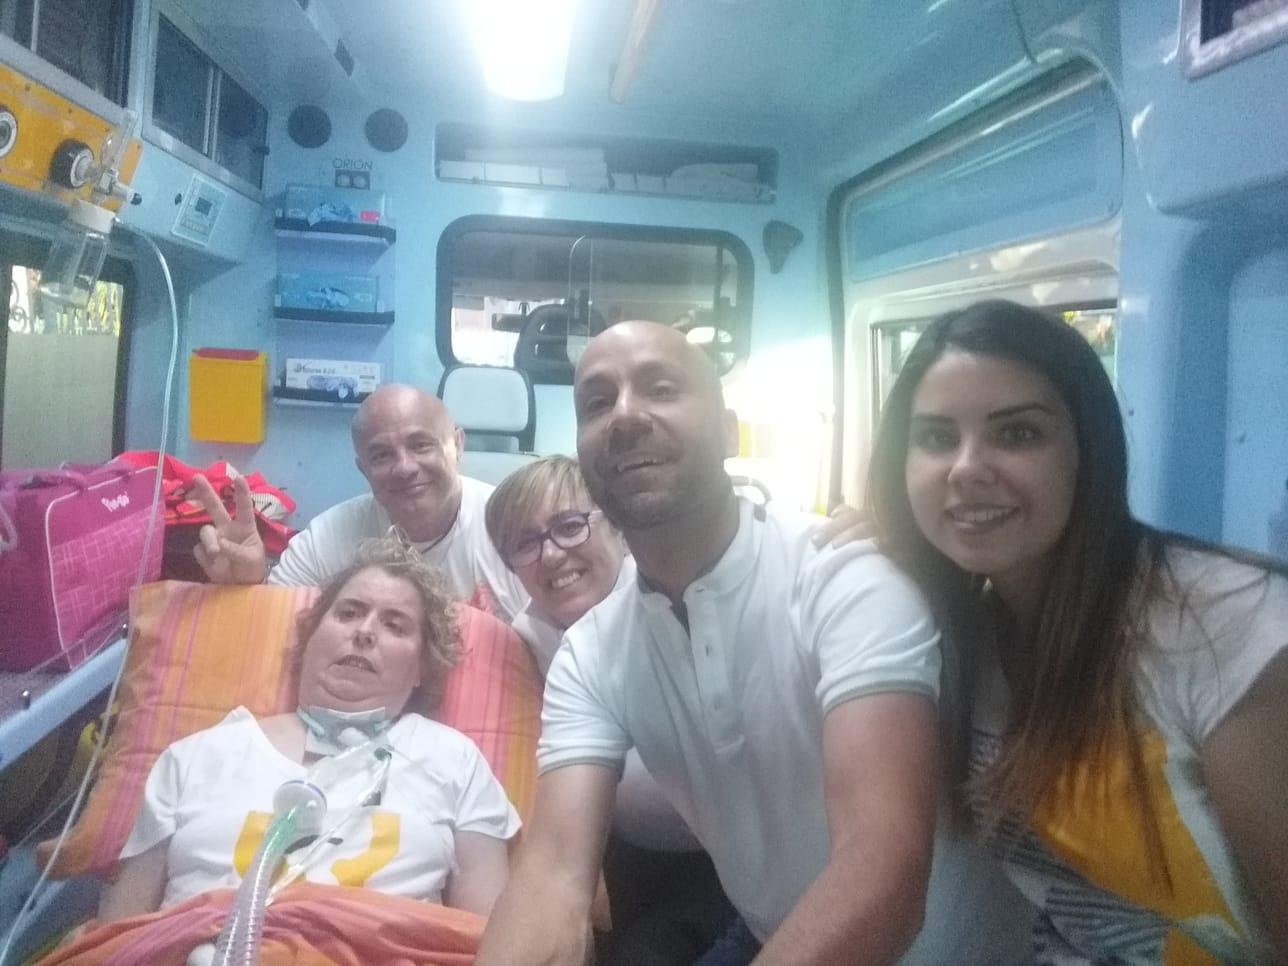 Laura Floris, affetta da sclerosi multipla, al concerto di Vasco Rossi. Medici Infermieri con lei al grande evento.